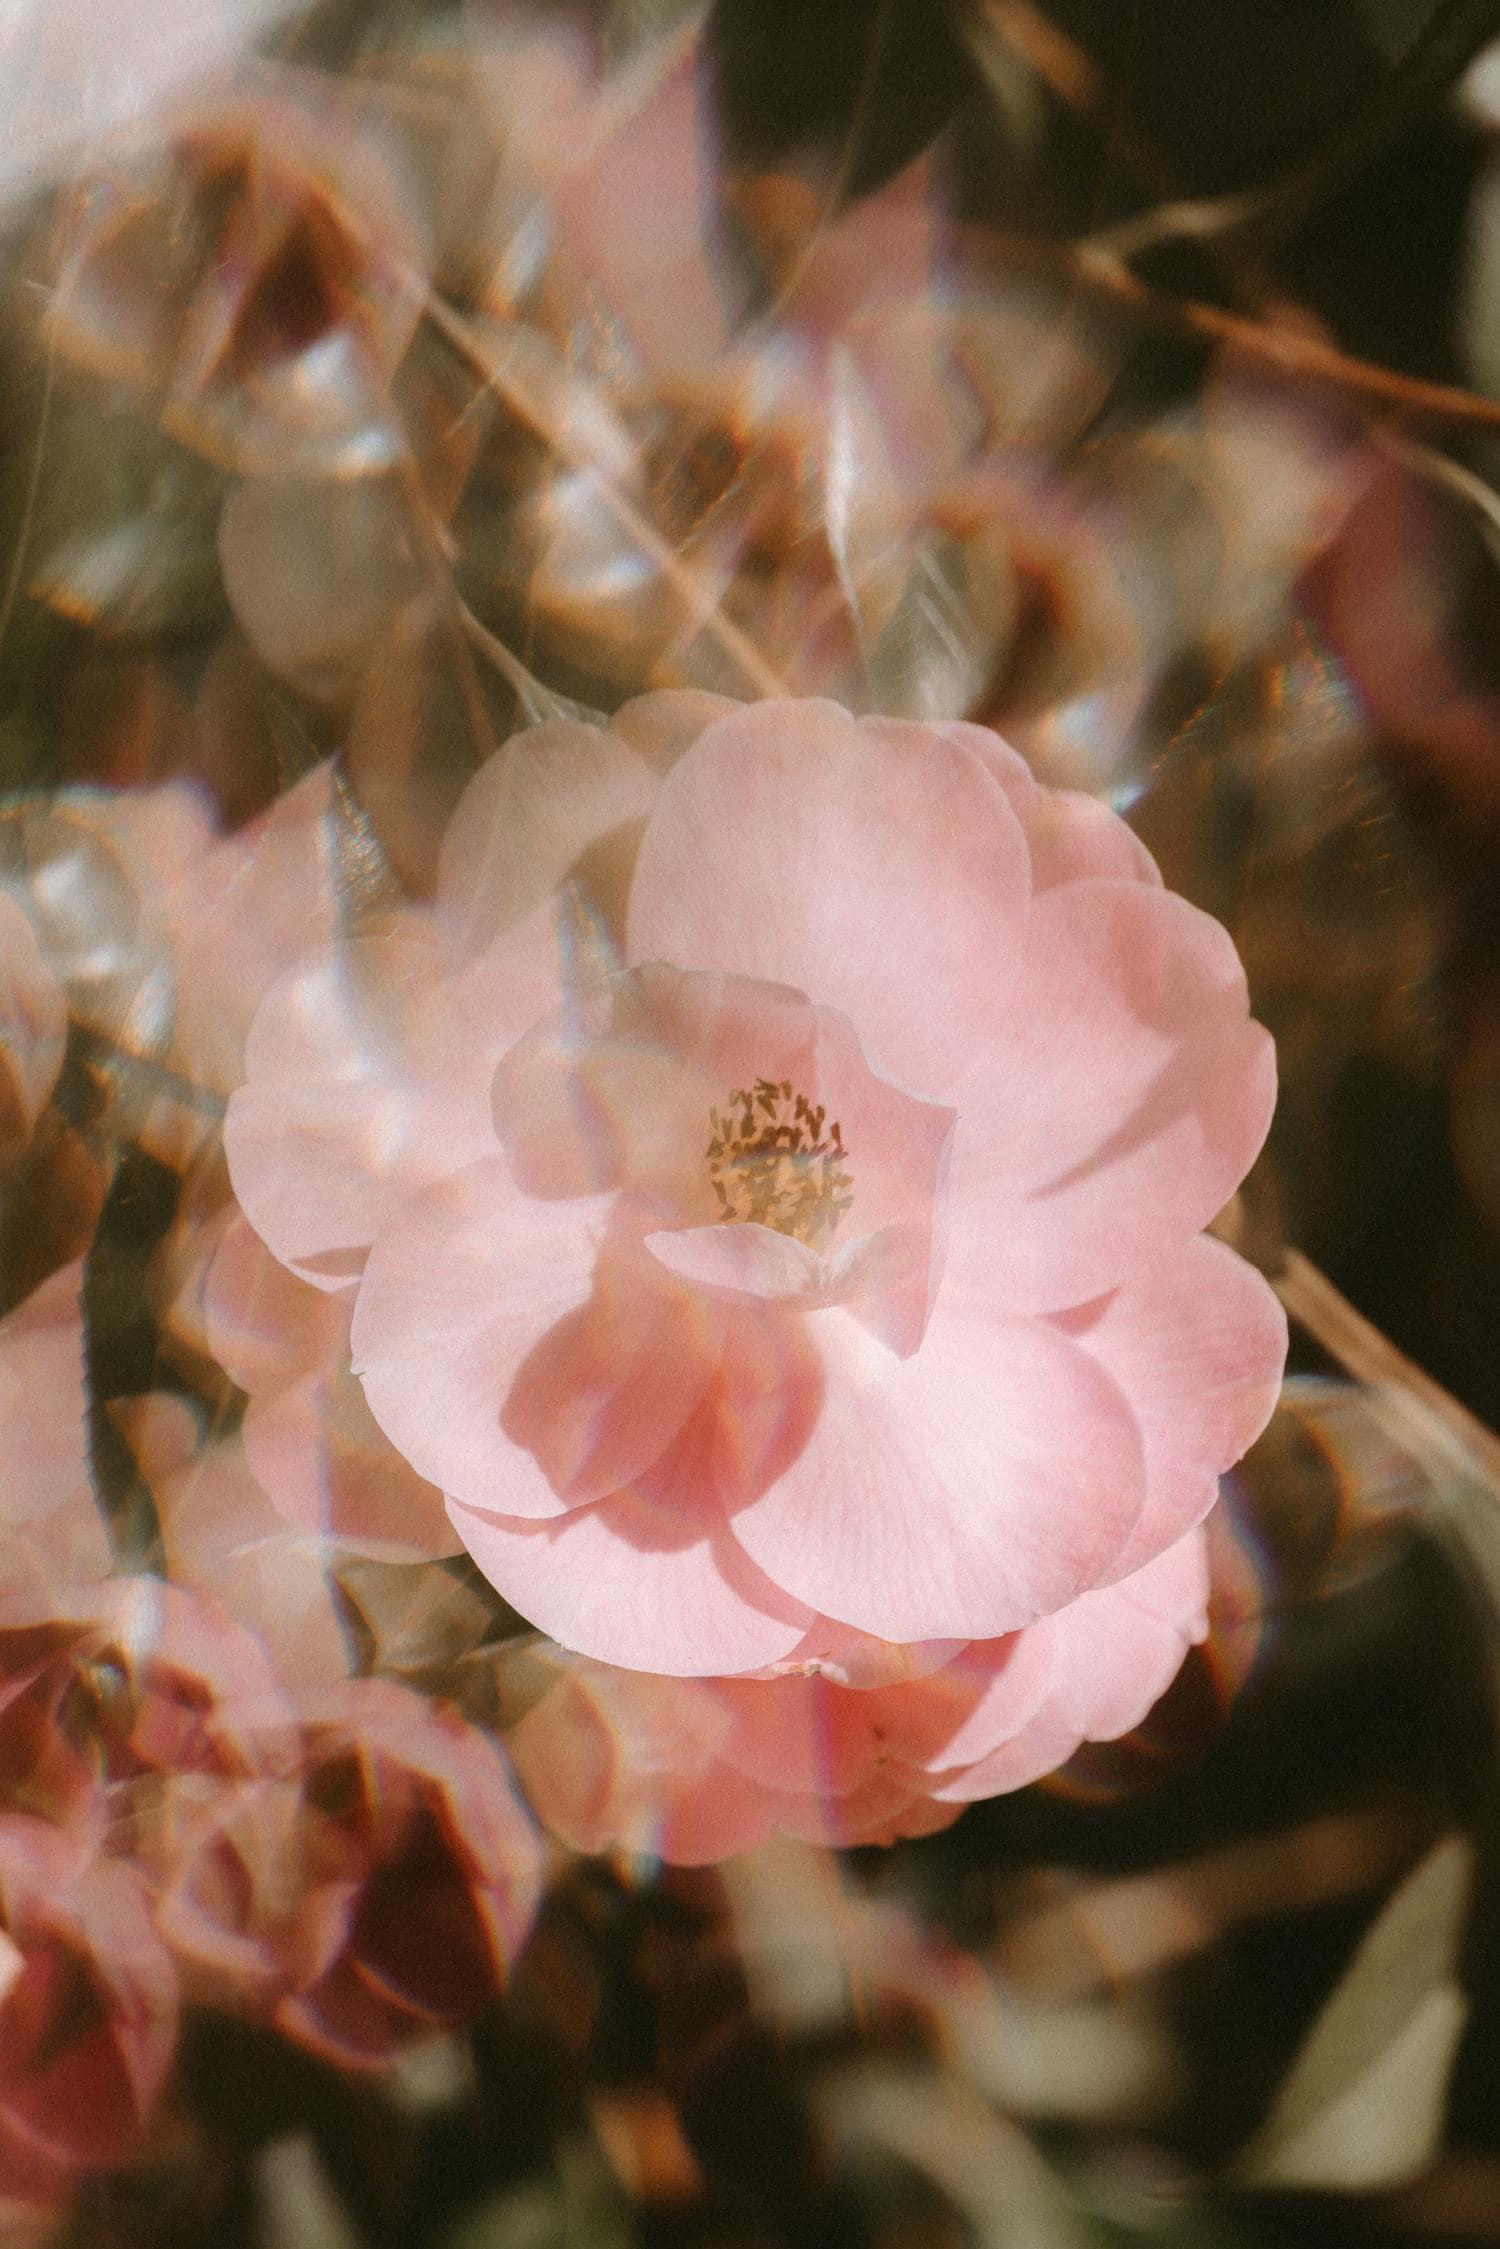 fotografía experimental con flores